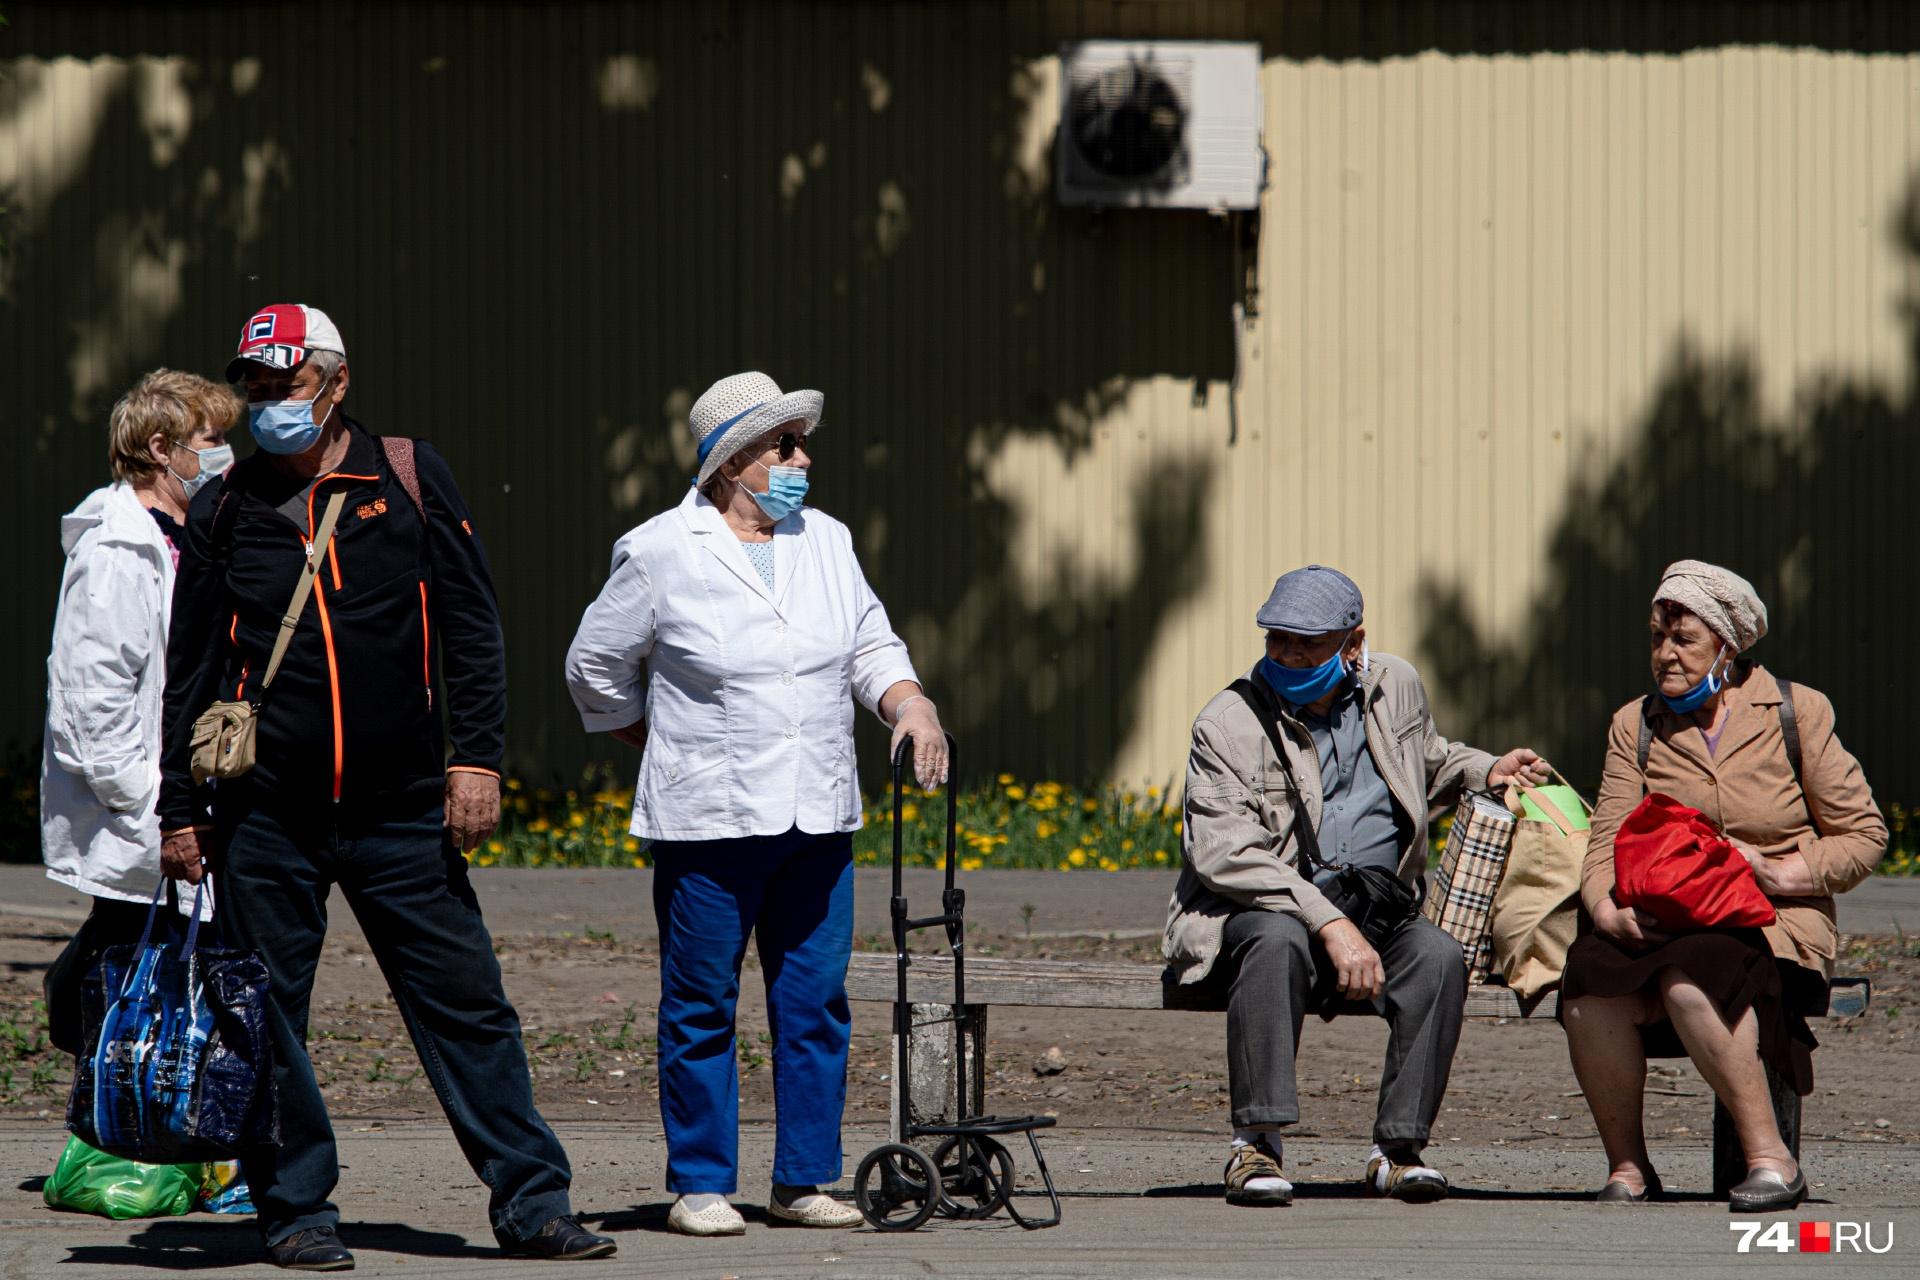 Пенсионеры потеряли от 500 до 1000 рублей из-за «технических» поправок в региональные стандарты по оплате ЖКХ